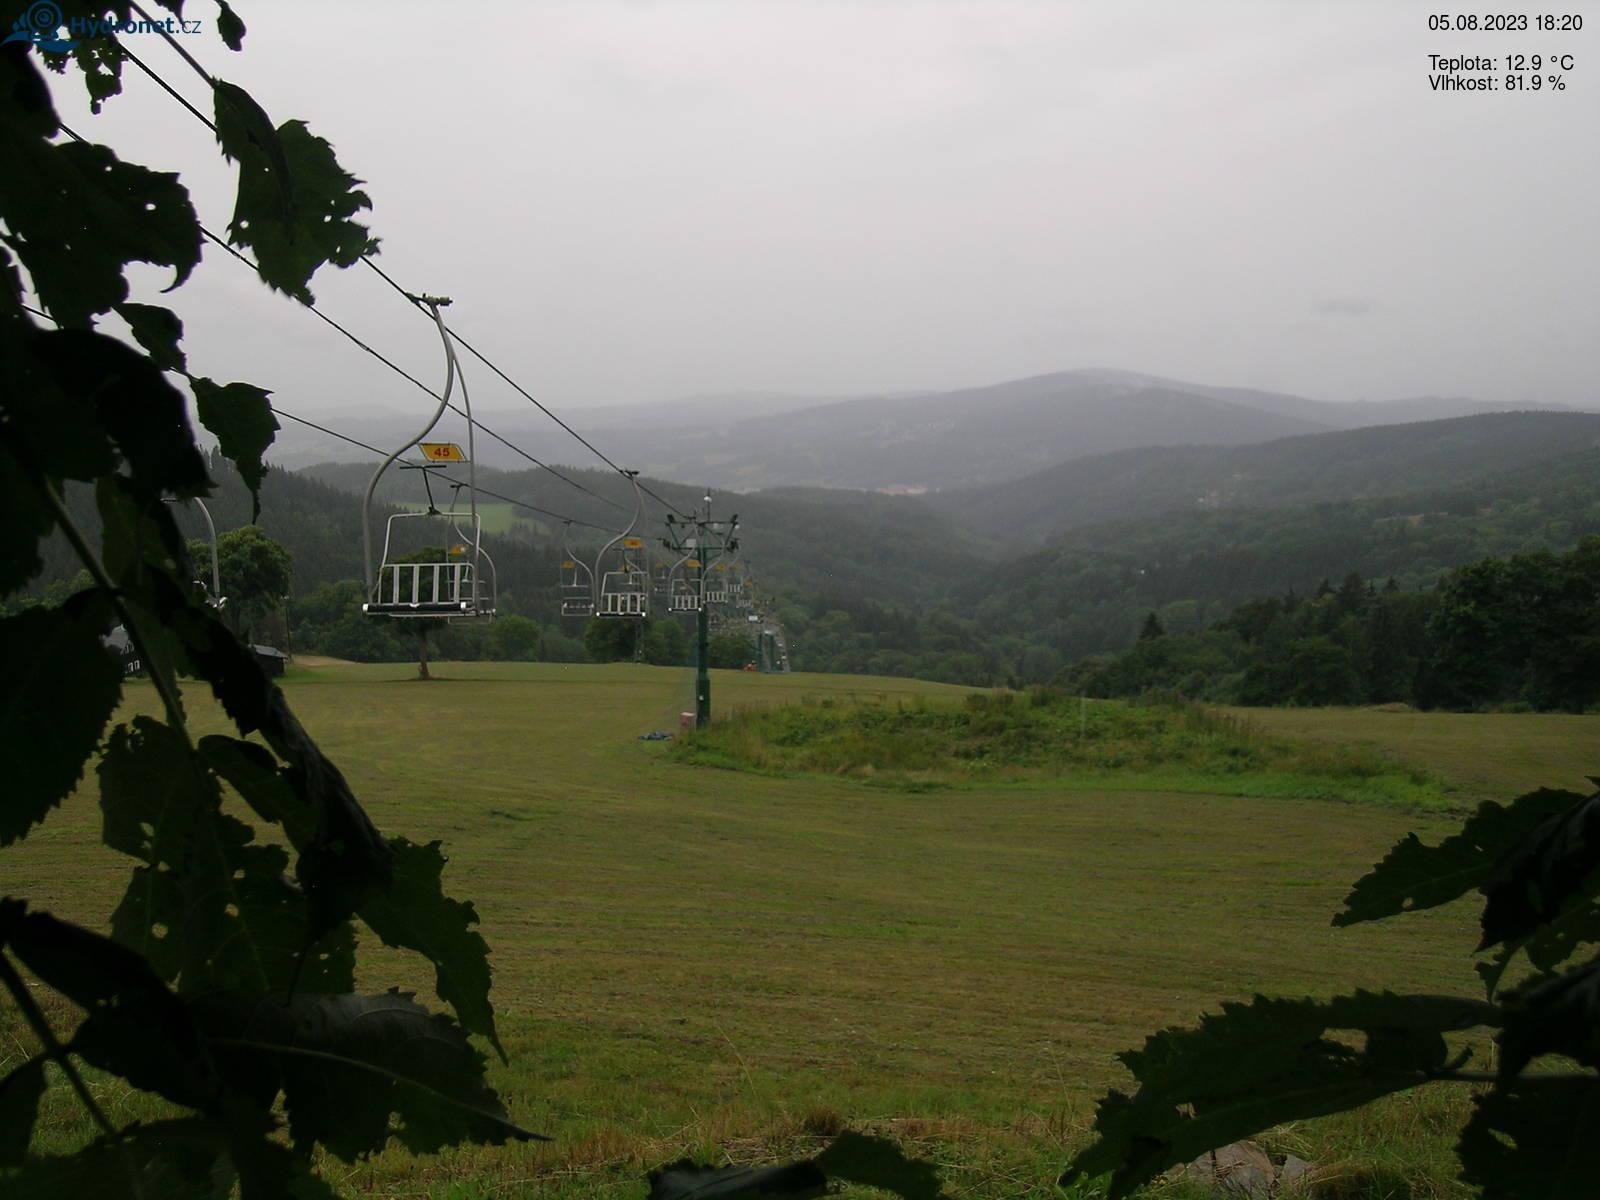 Webkamera Skiareál Rejdice - Kořenov